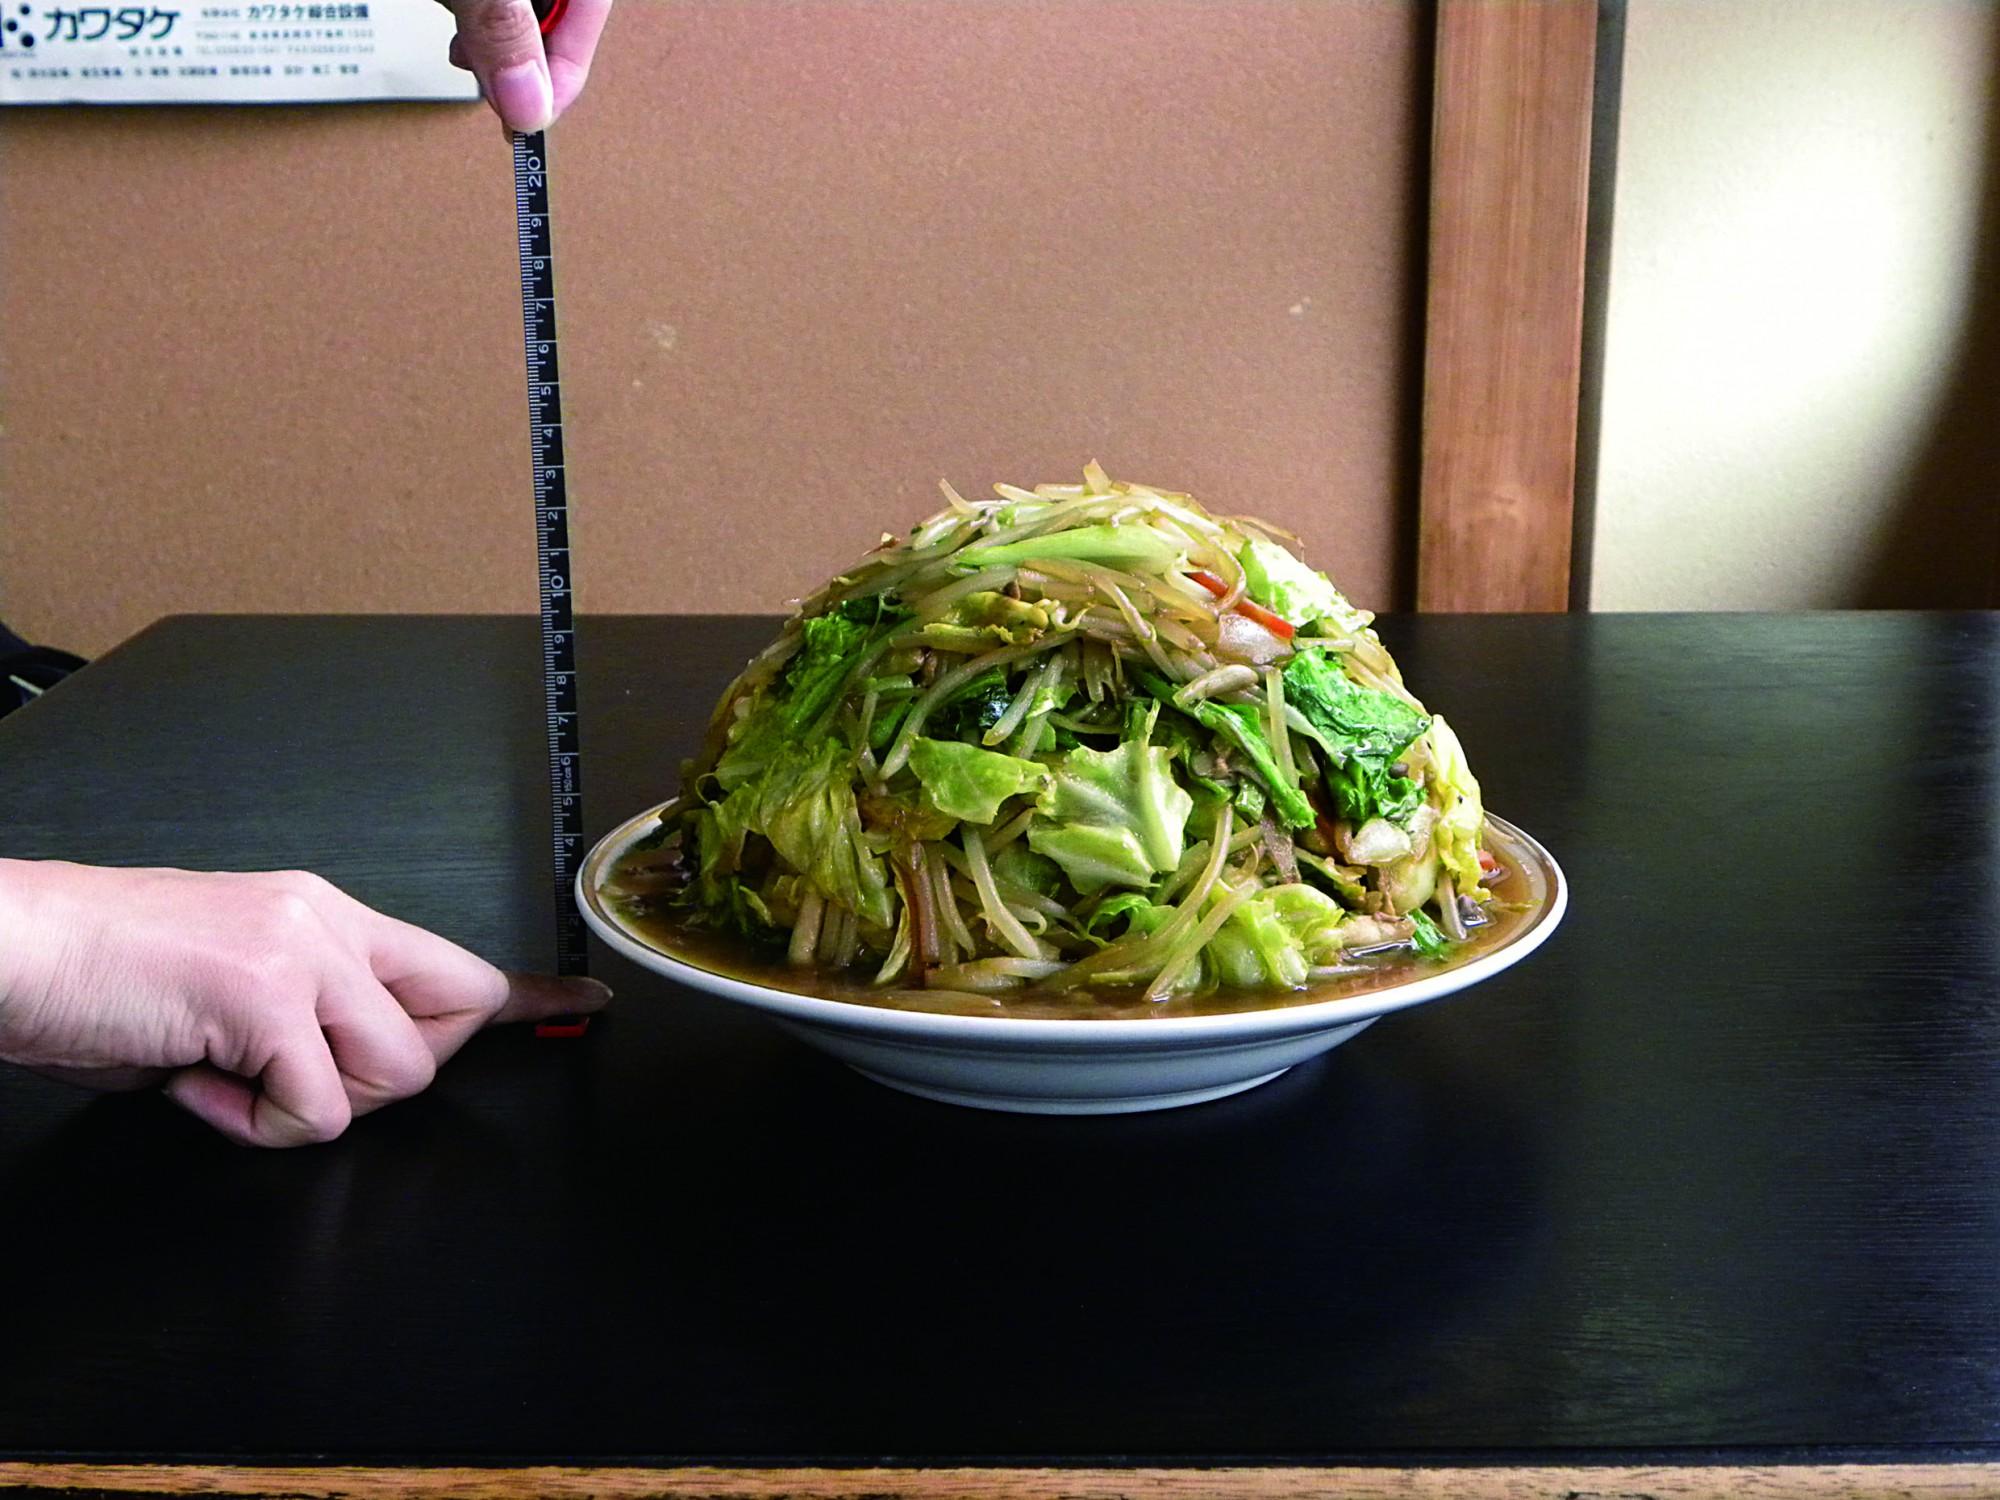 野菜炒めの高さを計測してみたところ、高さは約13センチ。